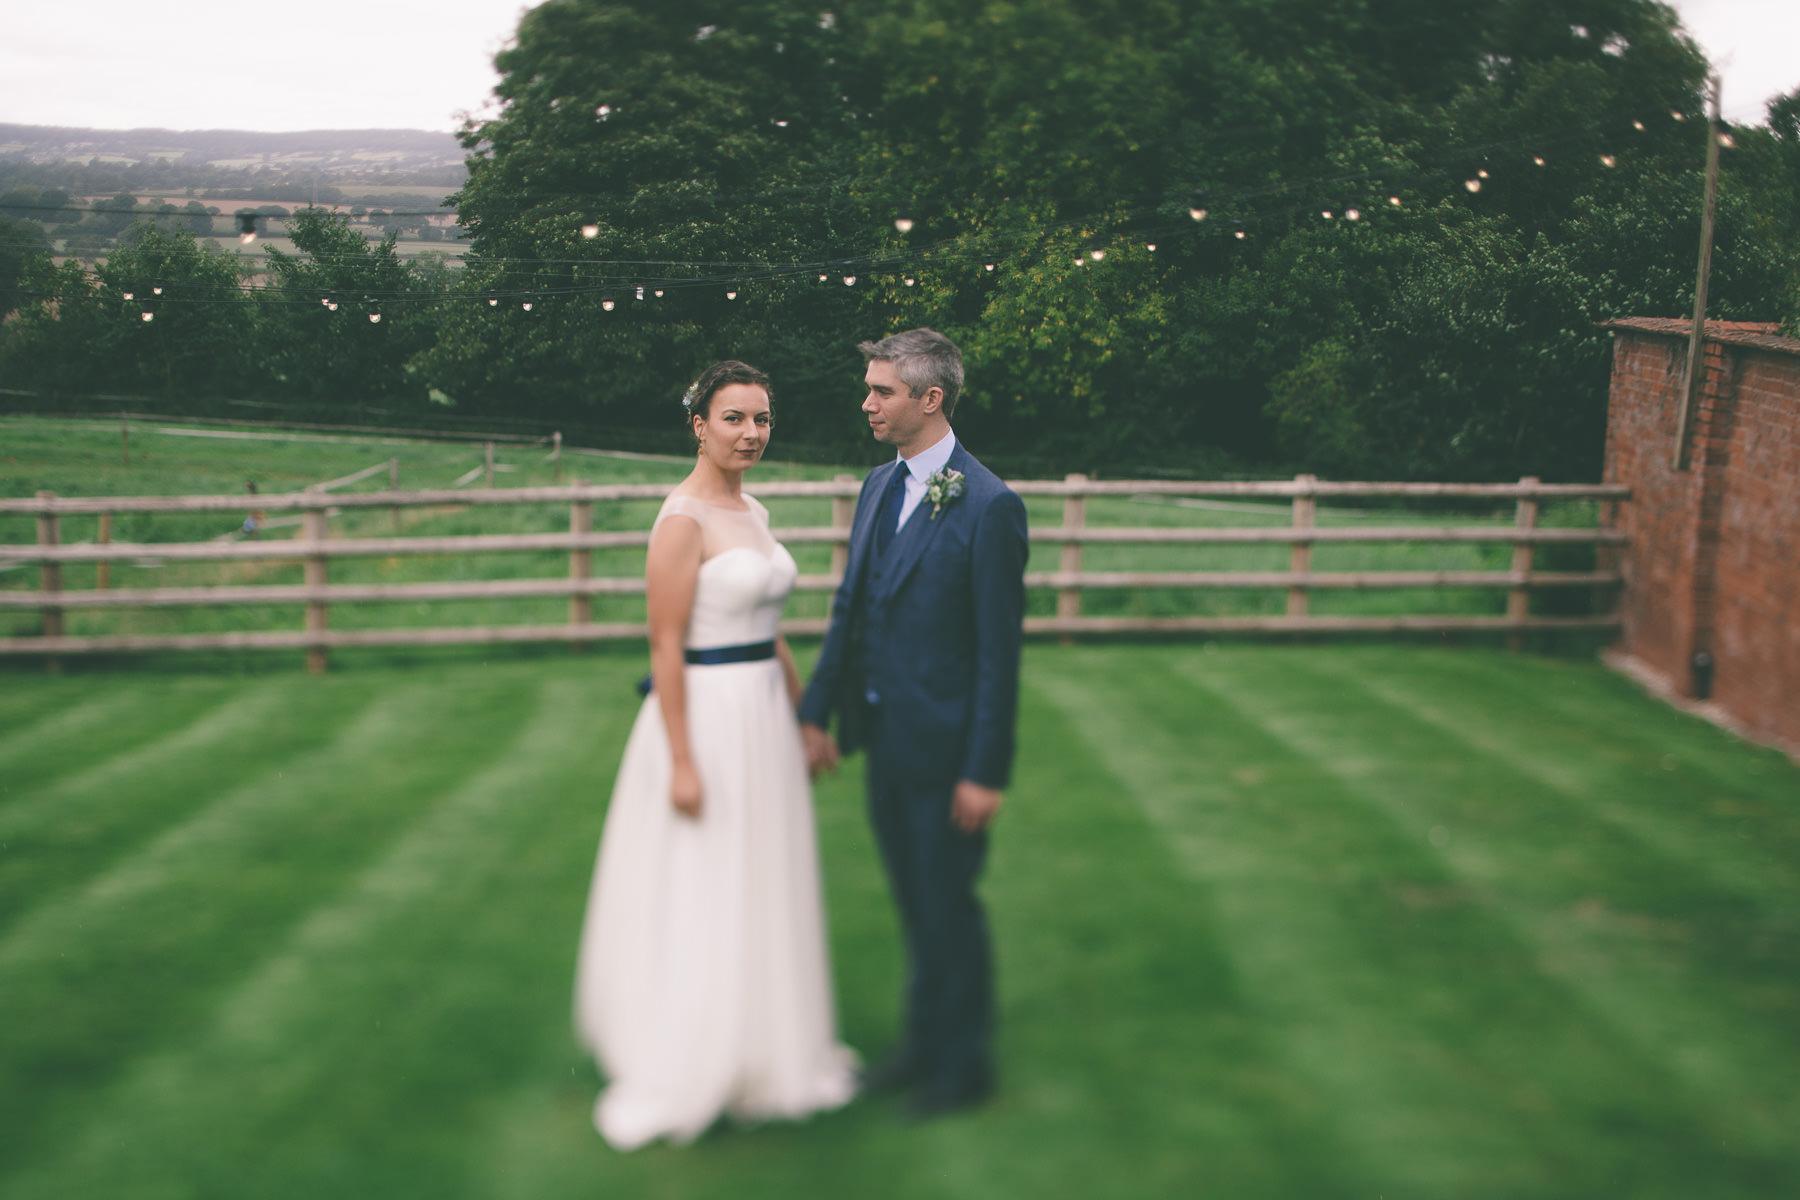 upton-barn-walled-garden-devon-wedding-photography-146